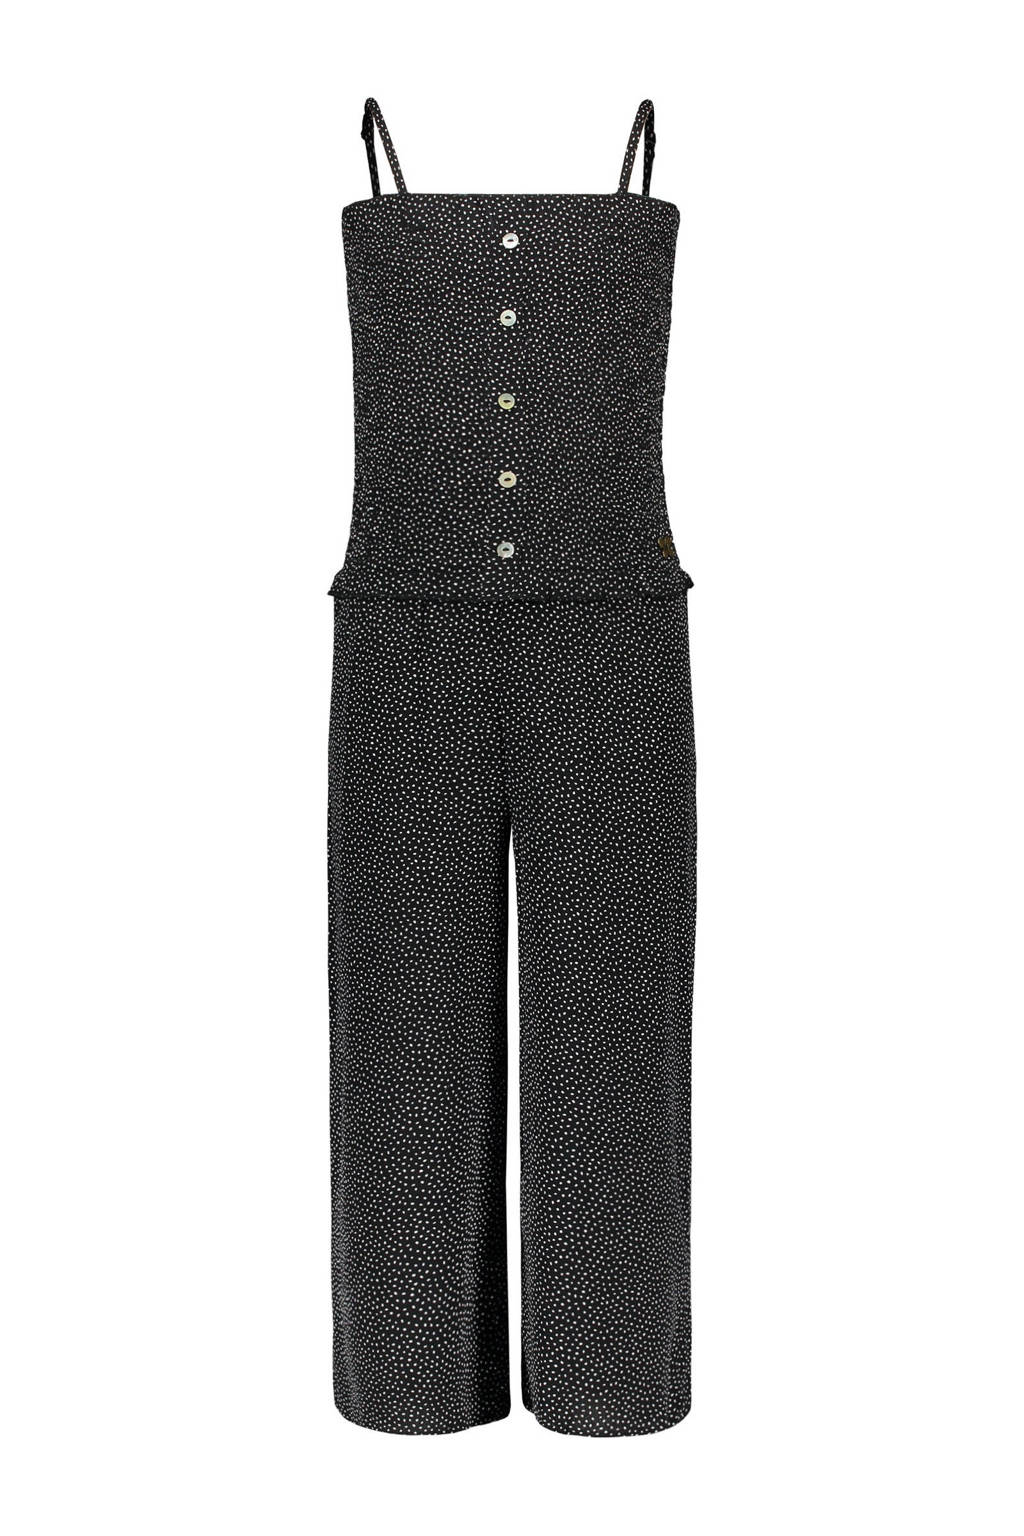 Street called Madison jumpsuit Dotty met stippen zwart/wit, Zwart/wit